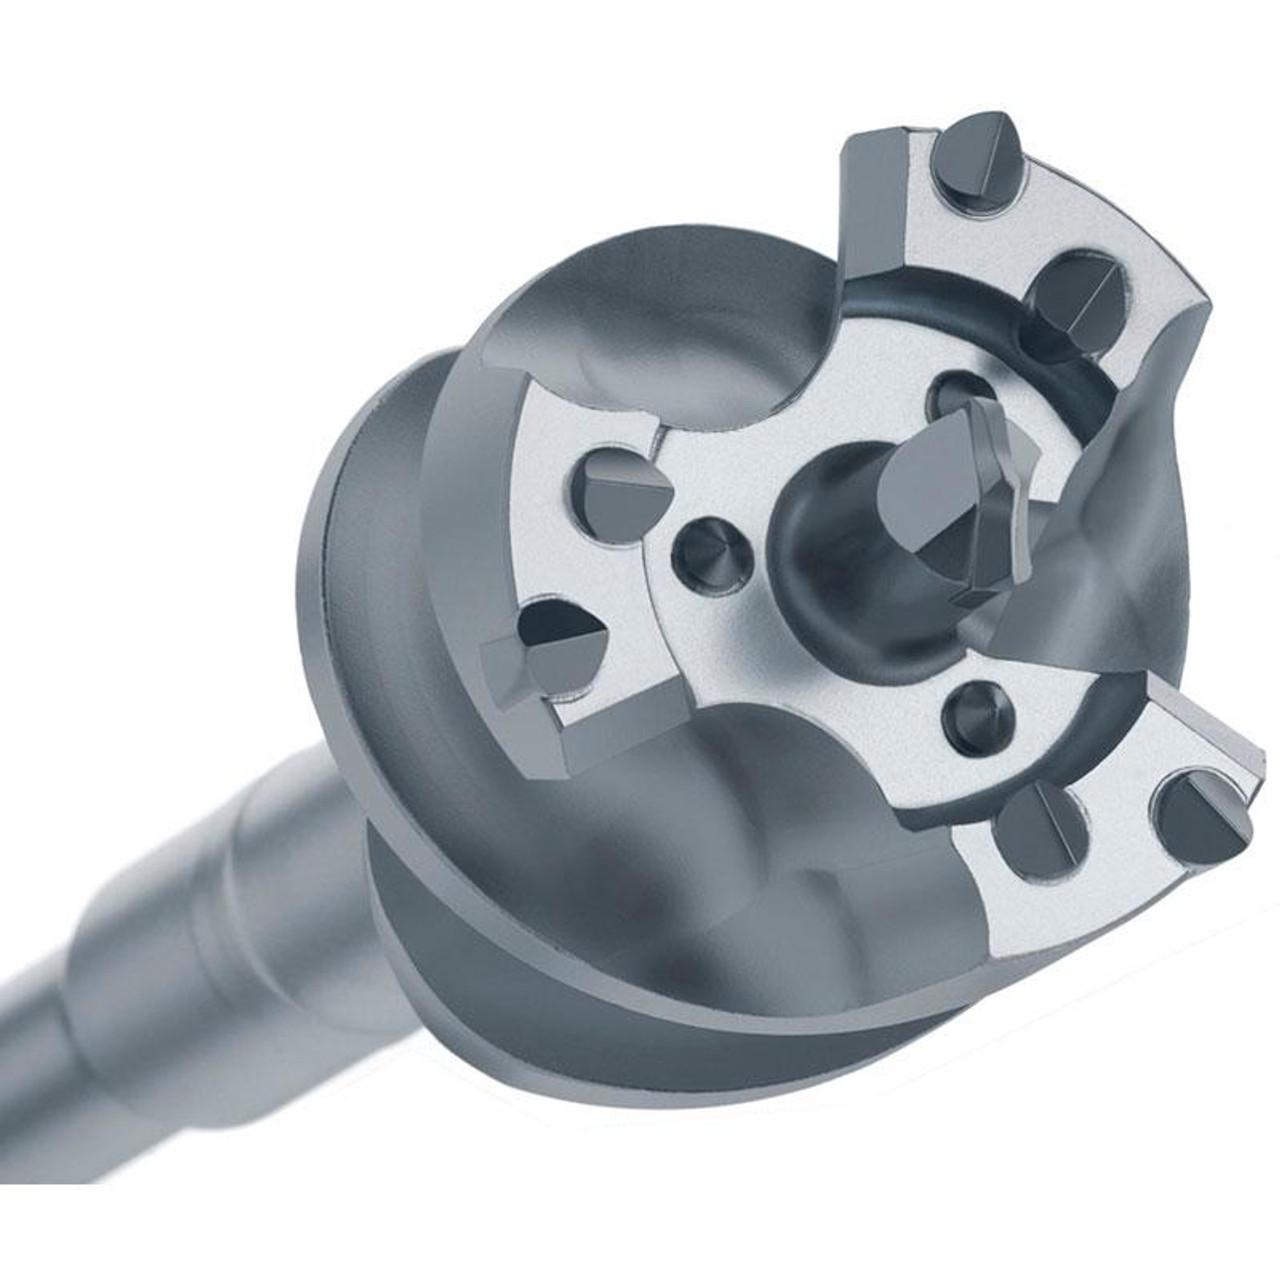 65 x 310mm Concrete Core Cutter